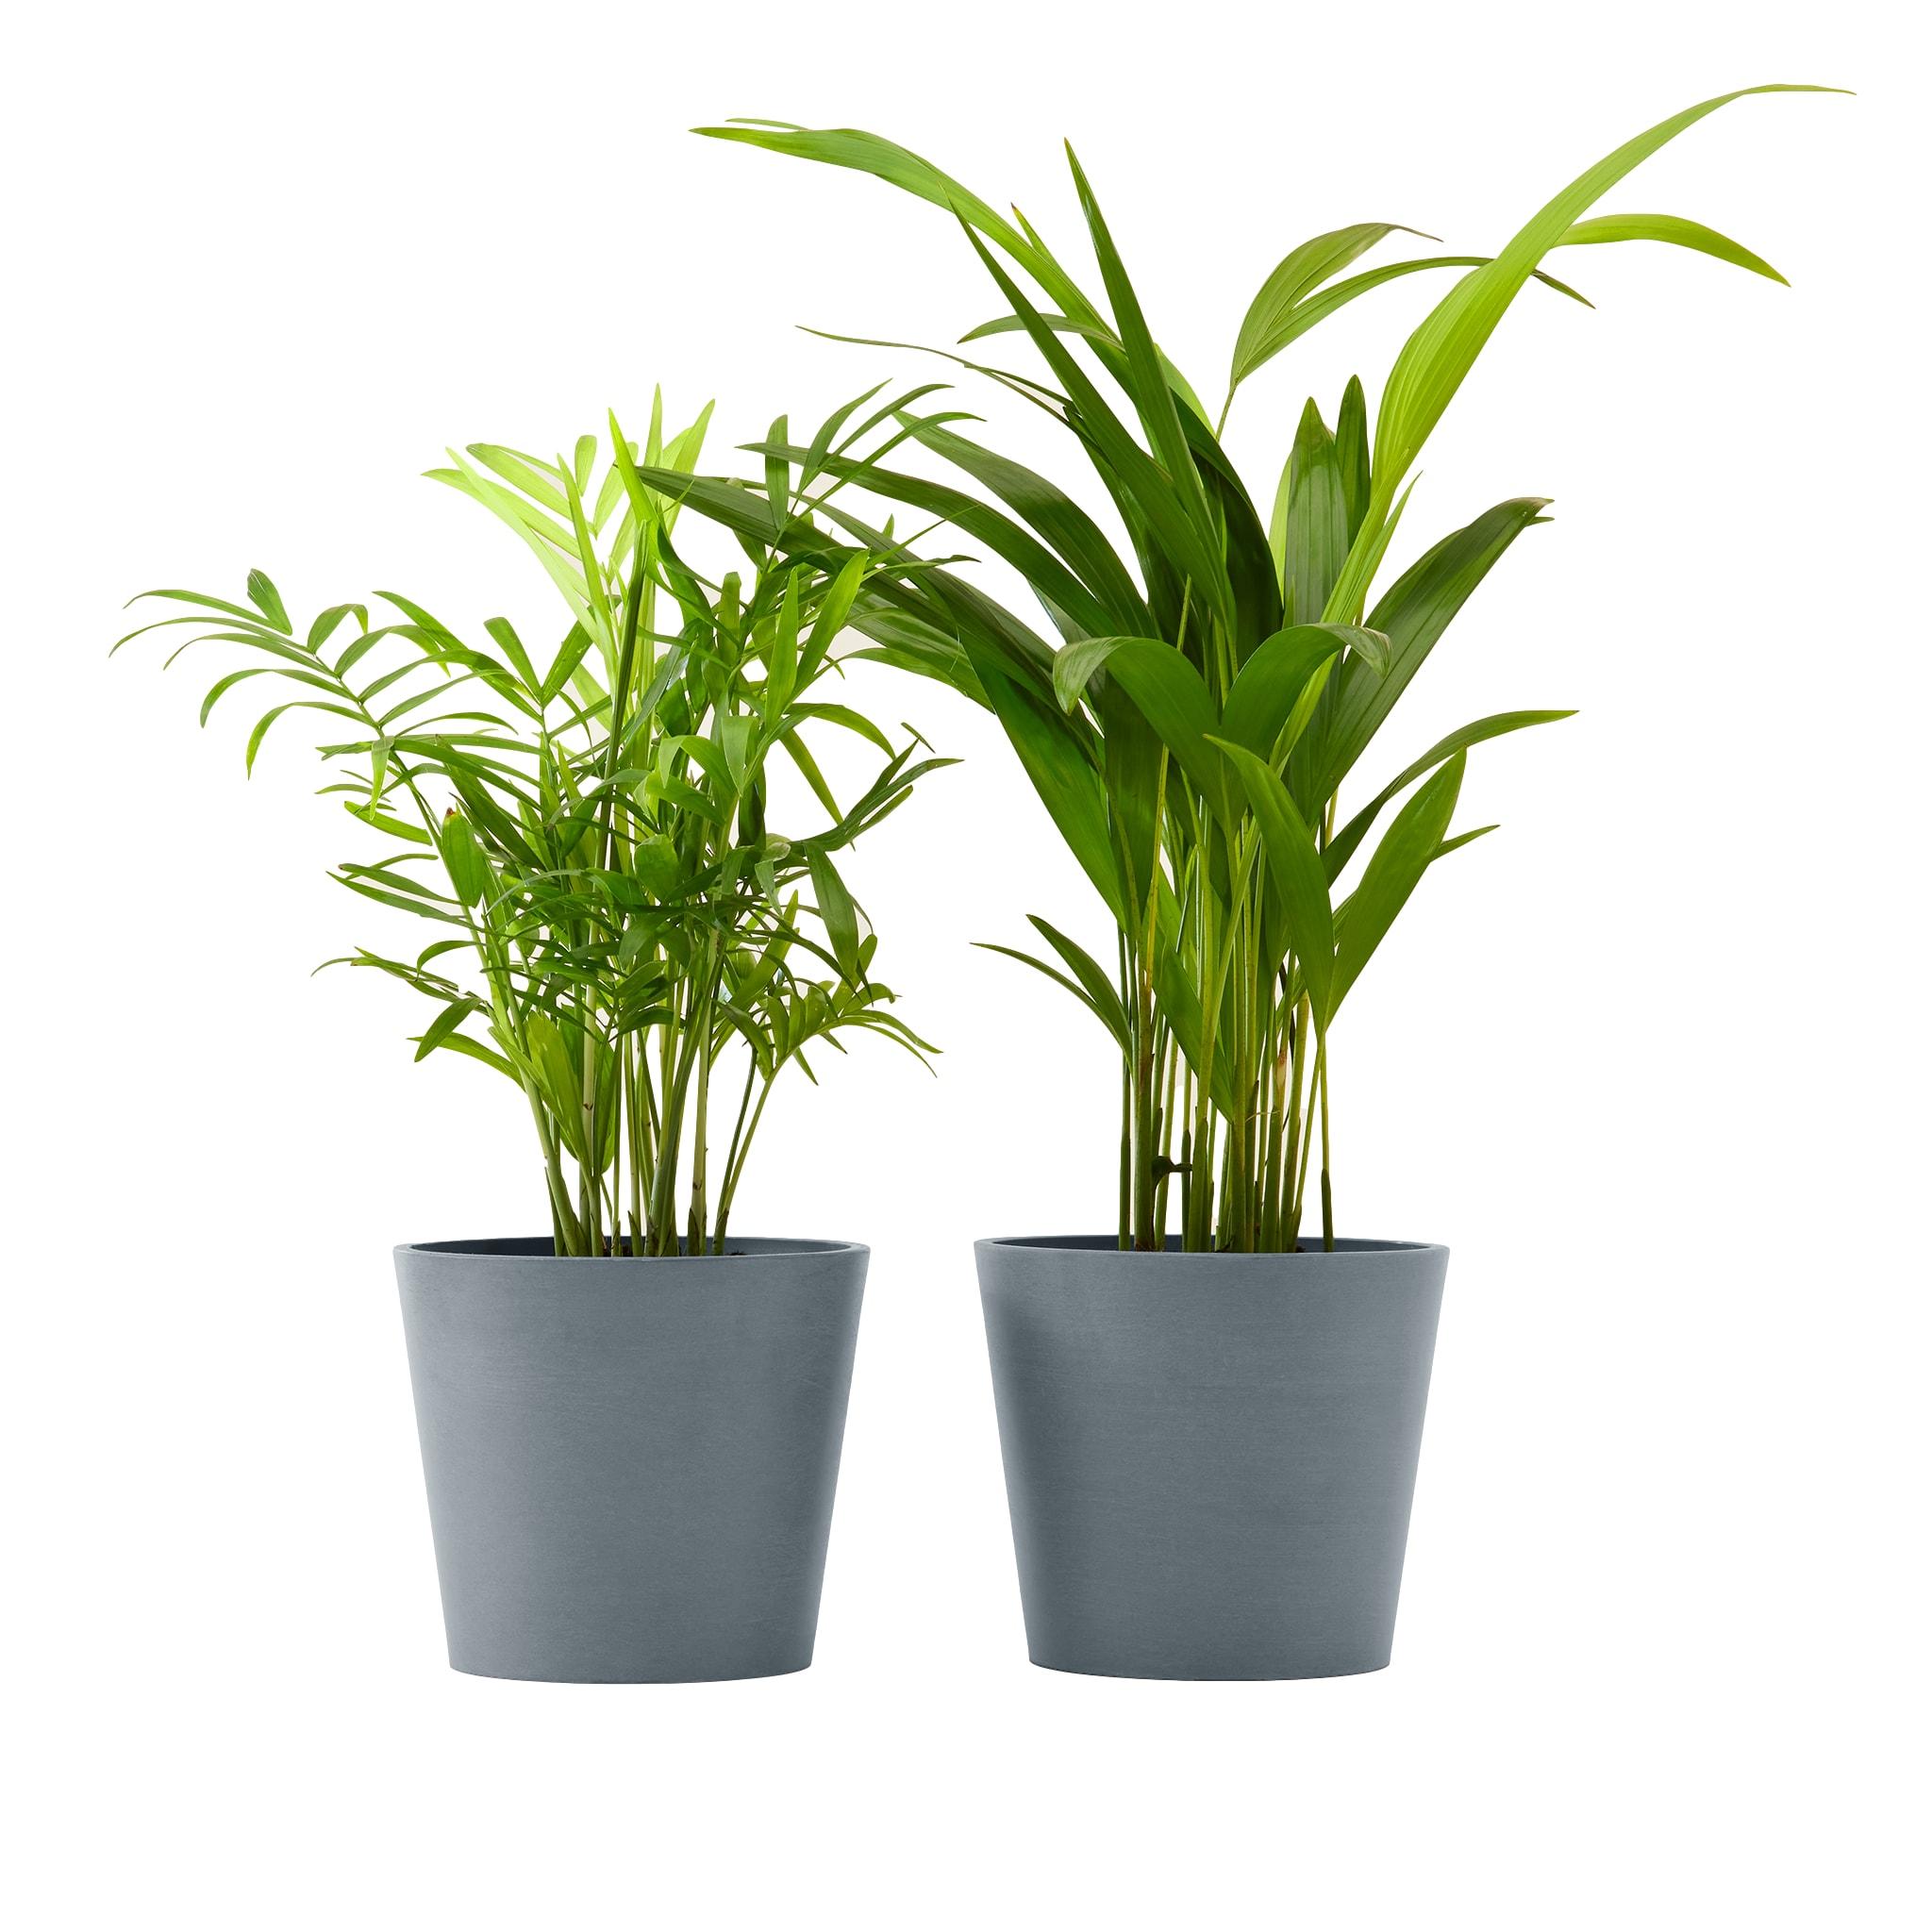 Plante x2 - Palmier areca et chamedora 40 cm pot bleu gris